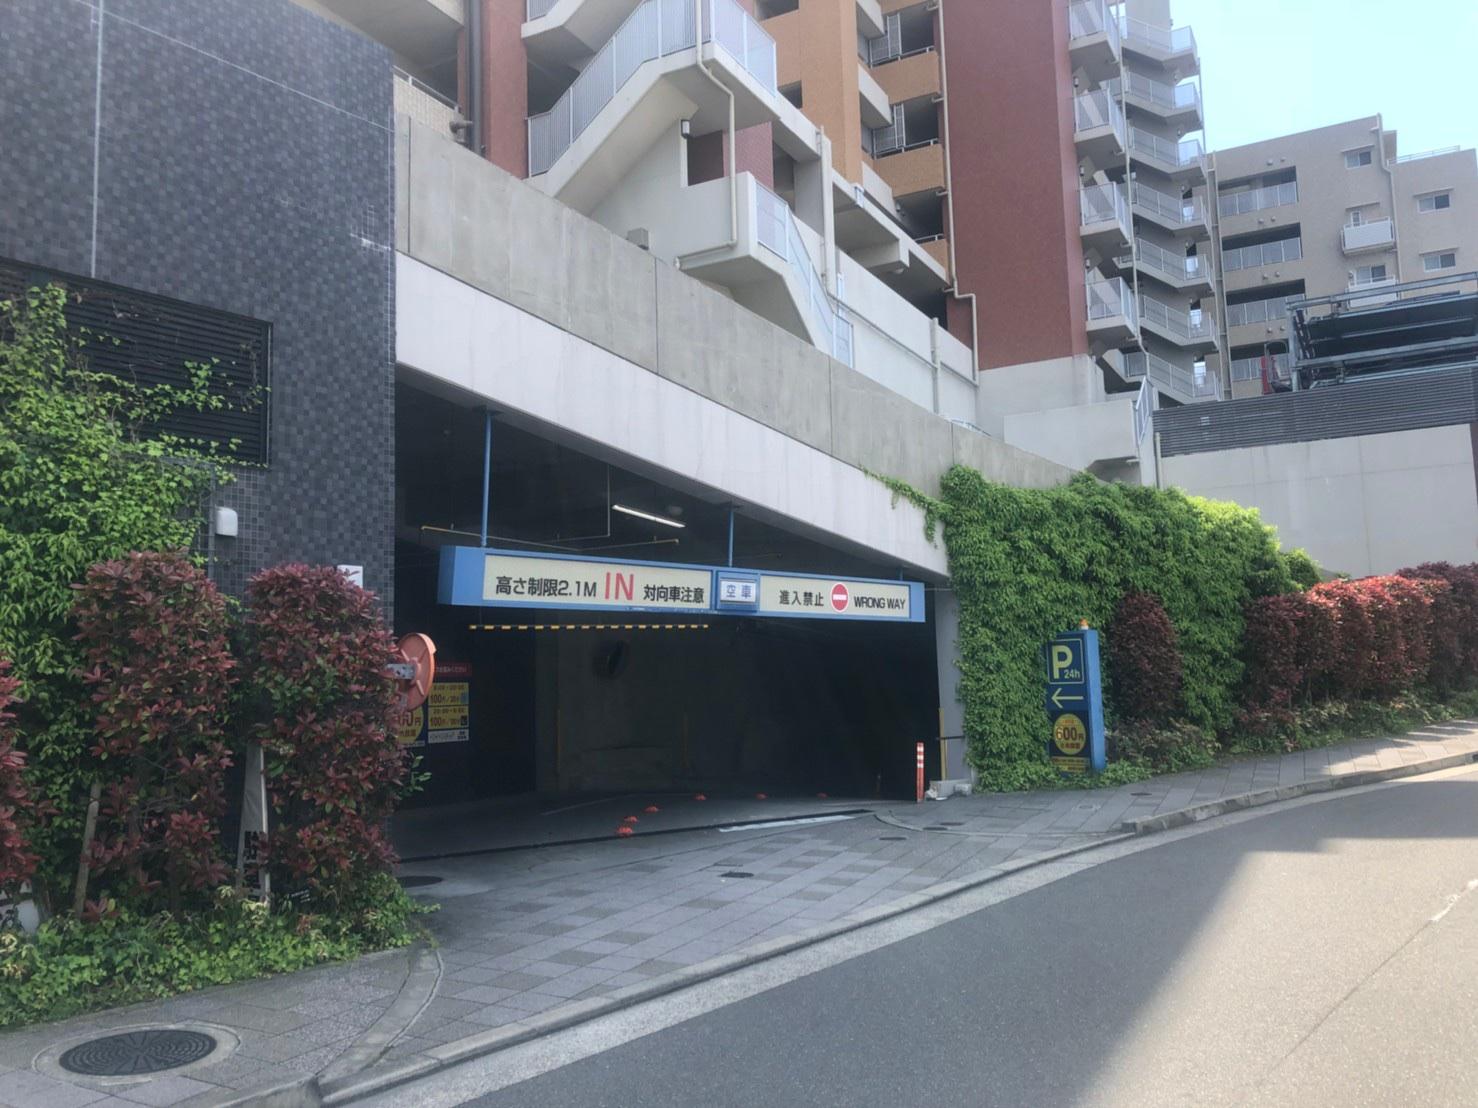 【時間貸し駐車場 東大阪市吉田】パザパはなぞの駐車場